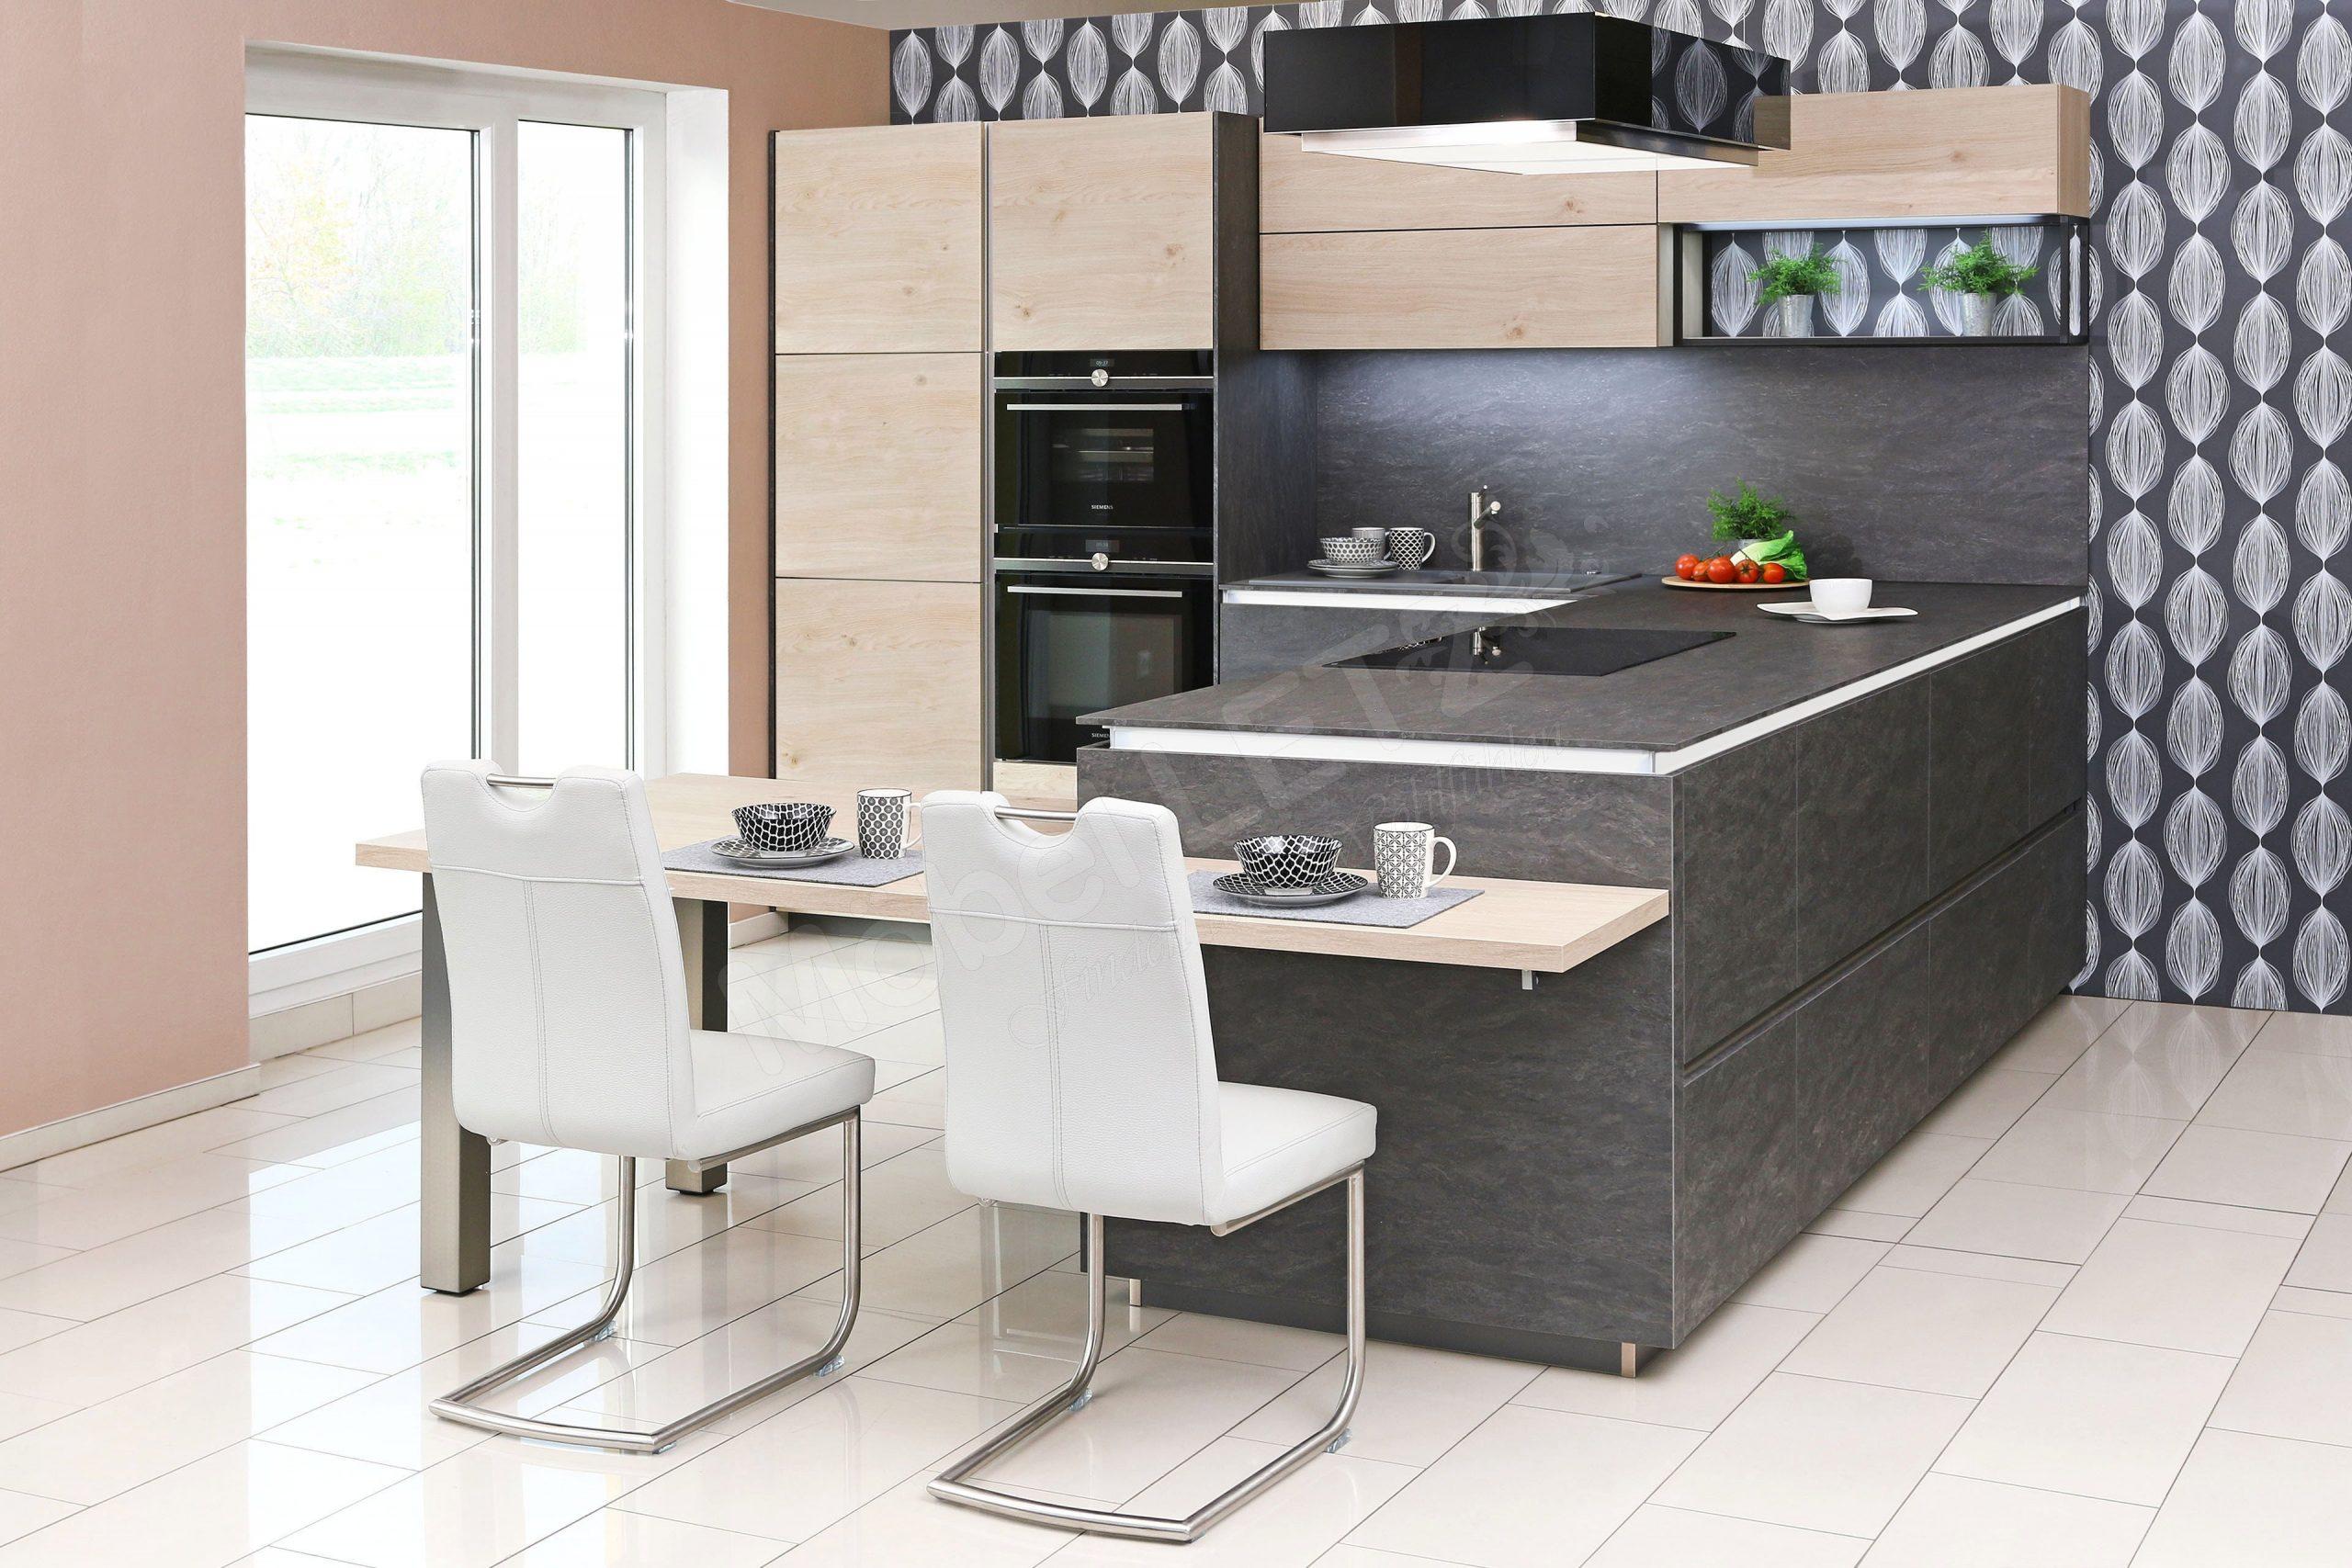 Full Size of Küche Nolte Elegance Jalousieschrank Küche Nolte Windsor Küche Nolte Küche Nolte Magnolia Küche Küche Nolte